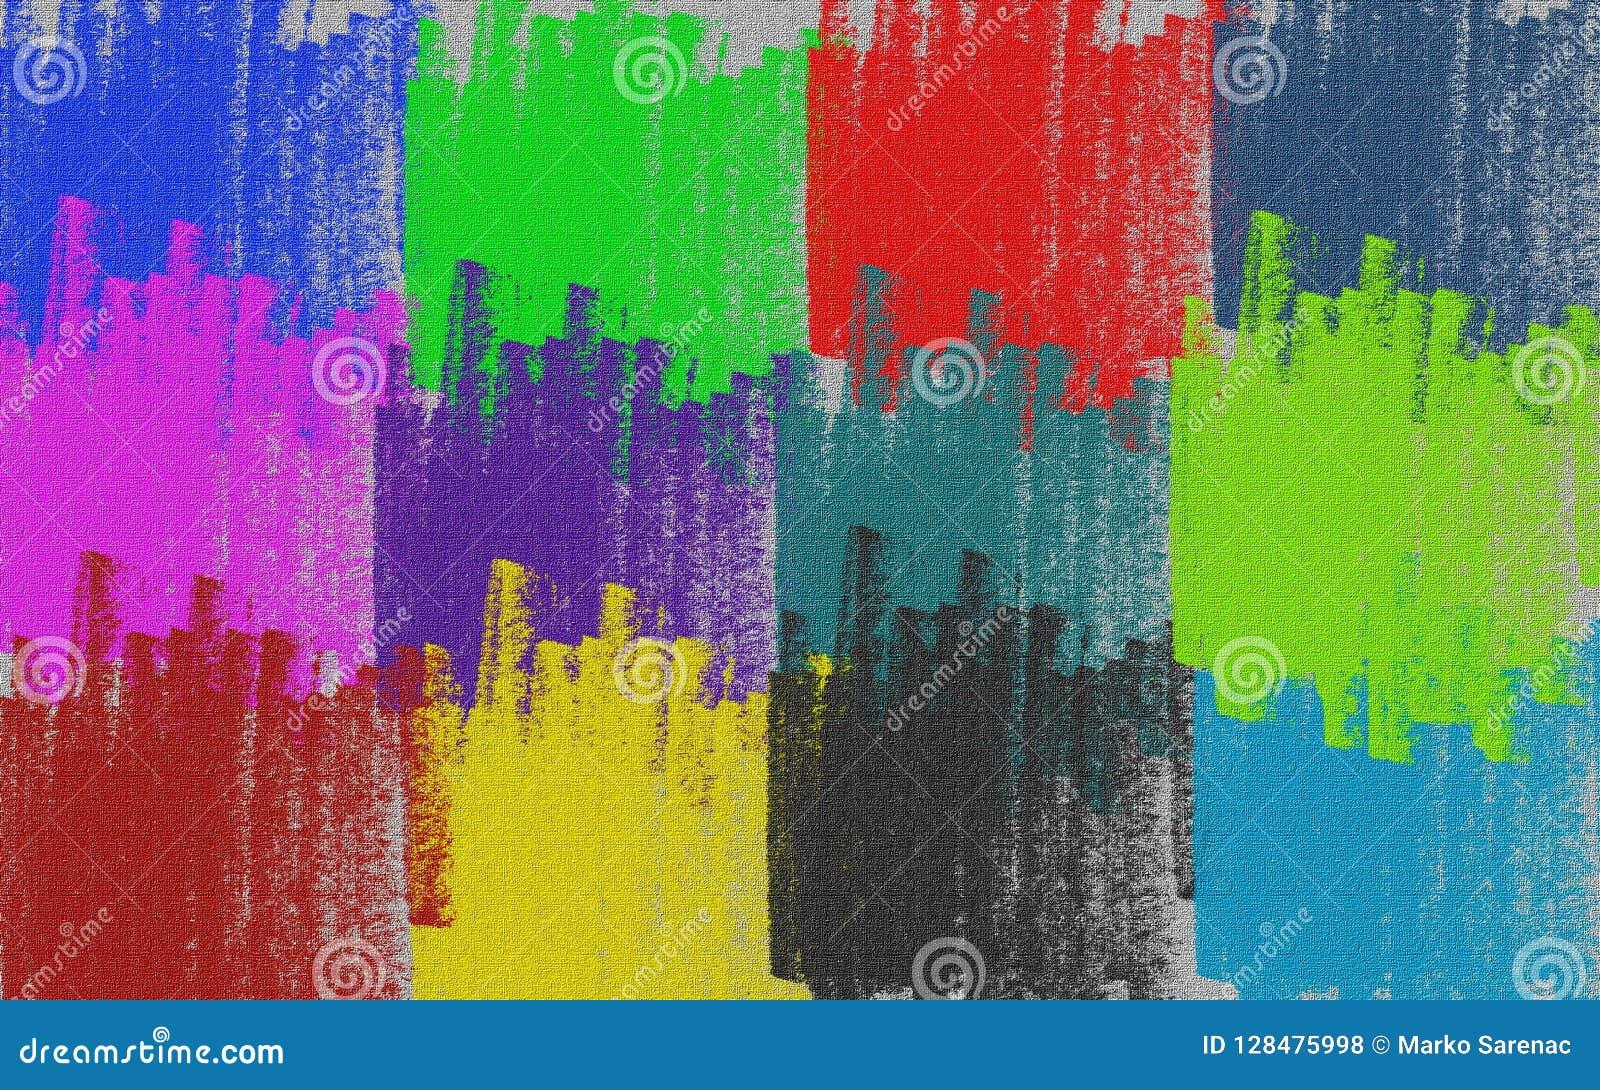 画布 多彩多姿 蜡笔 背景